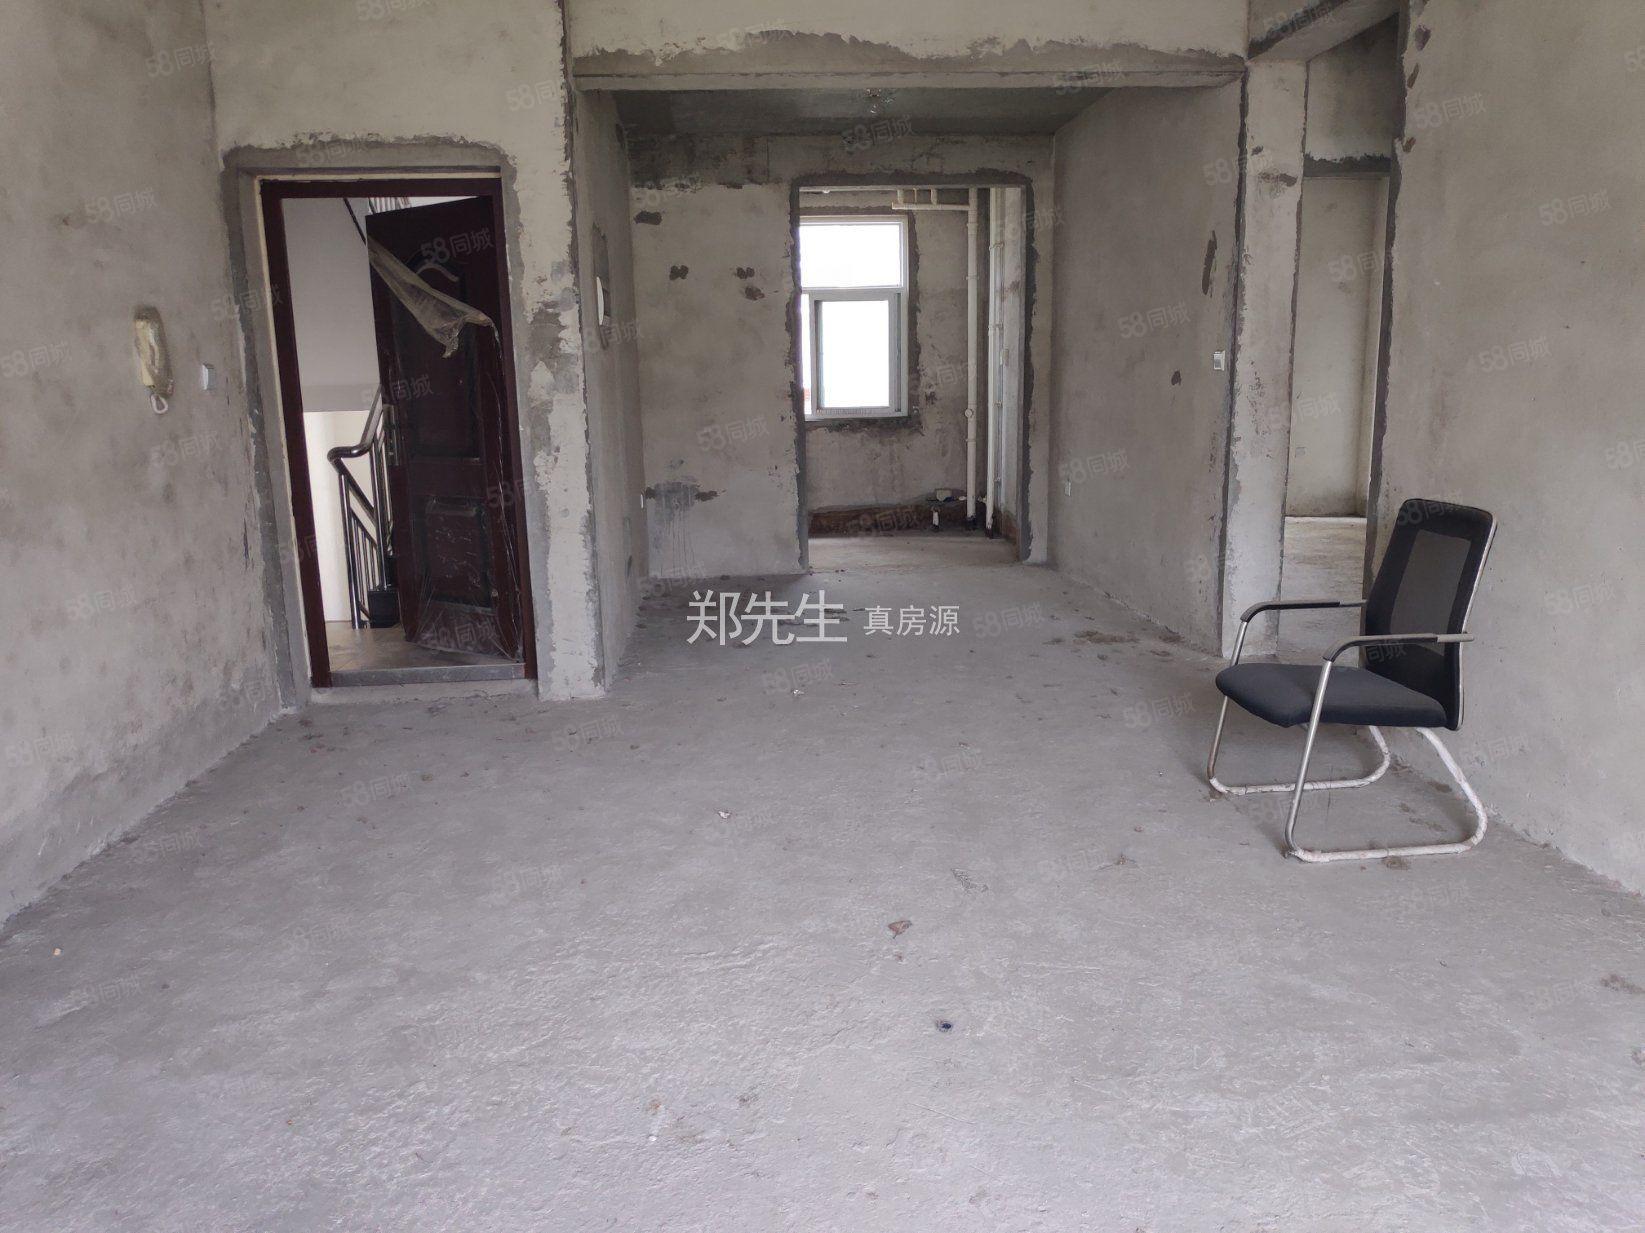 城西江郡苑多層4樓毛坯兩室南北戶型有鑰匙看房